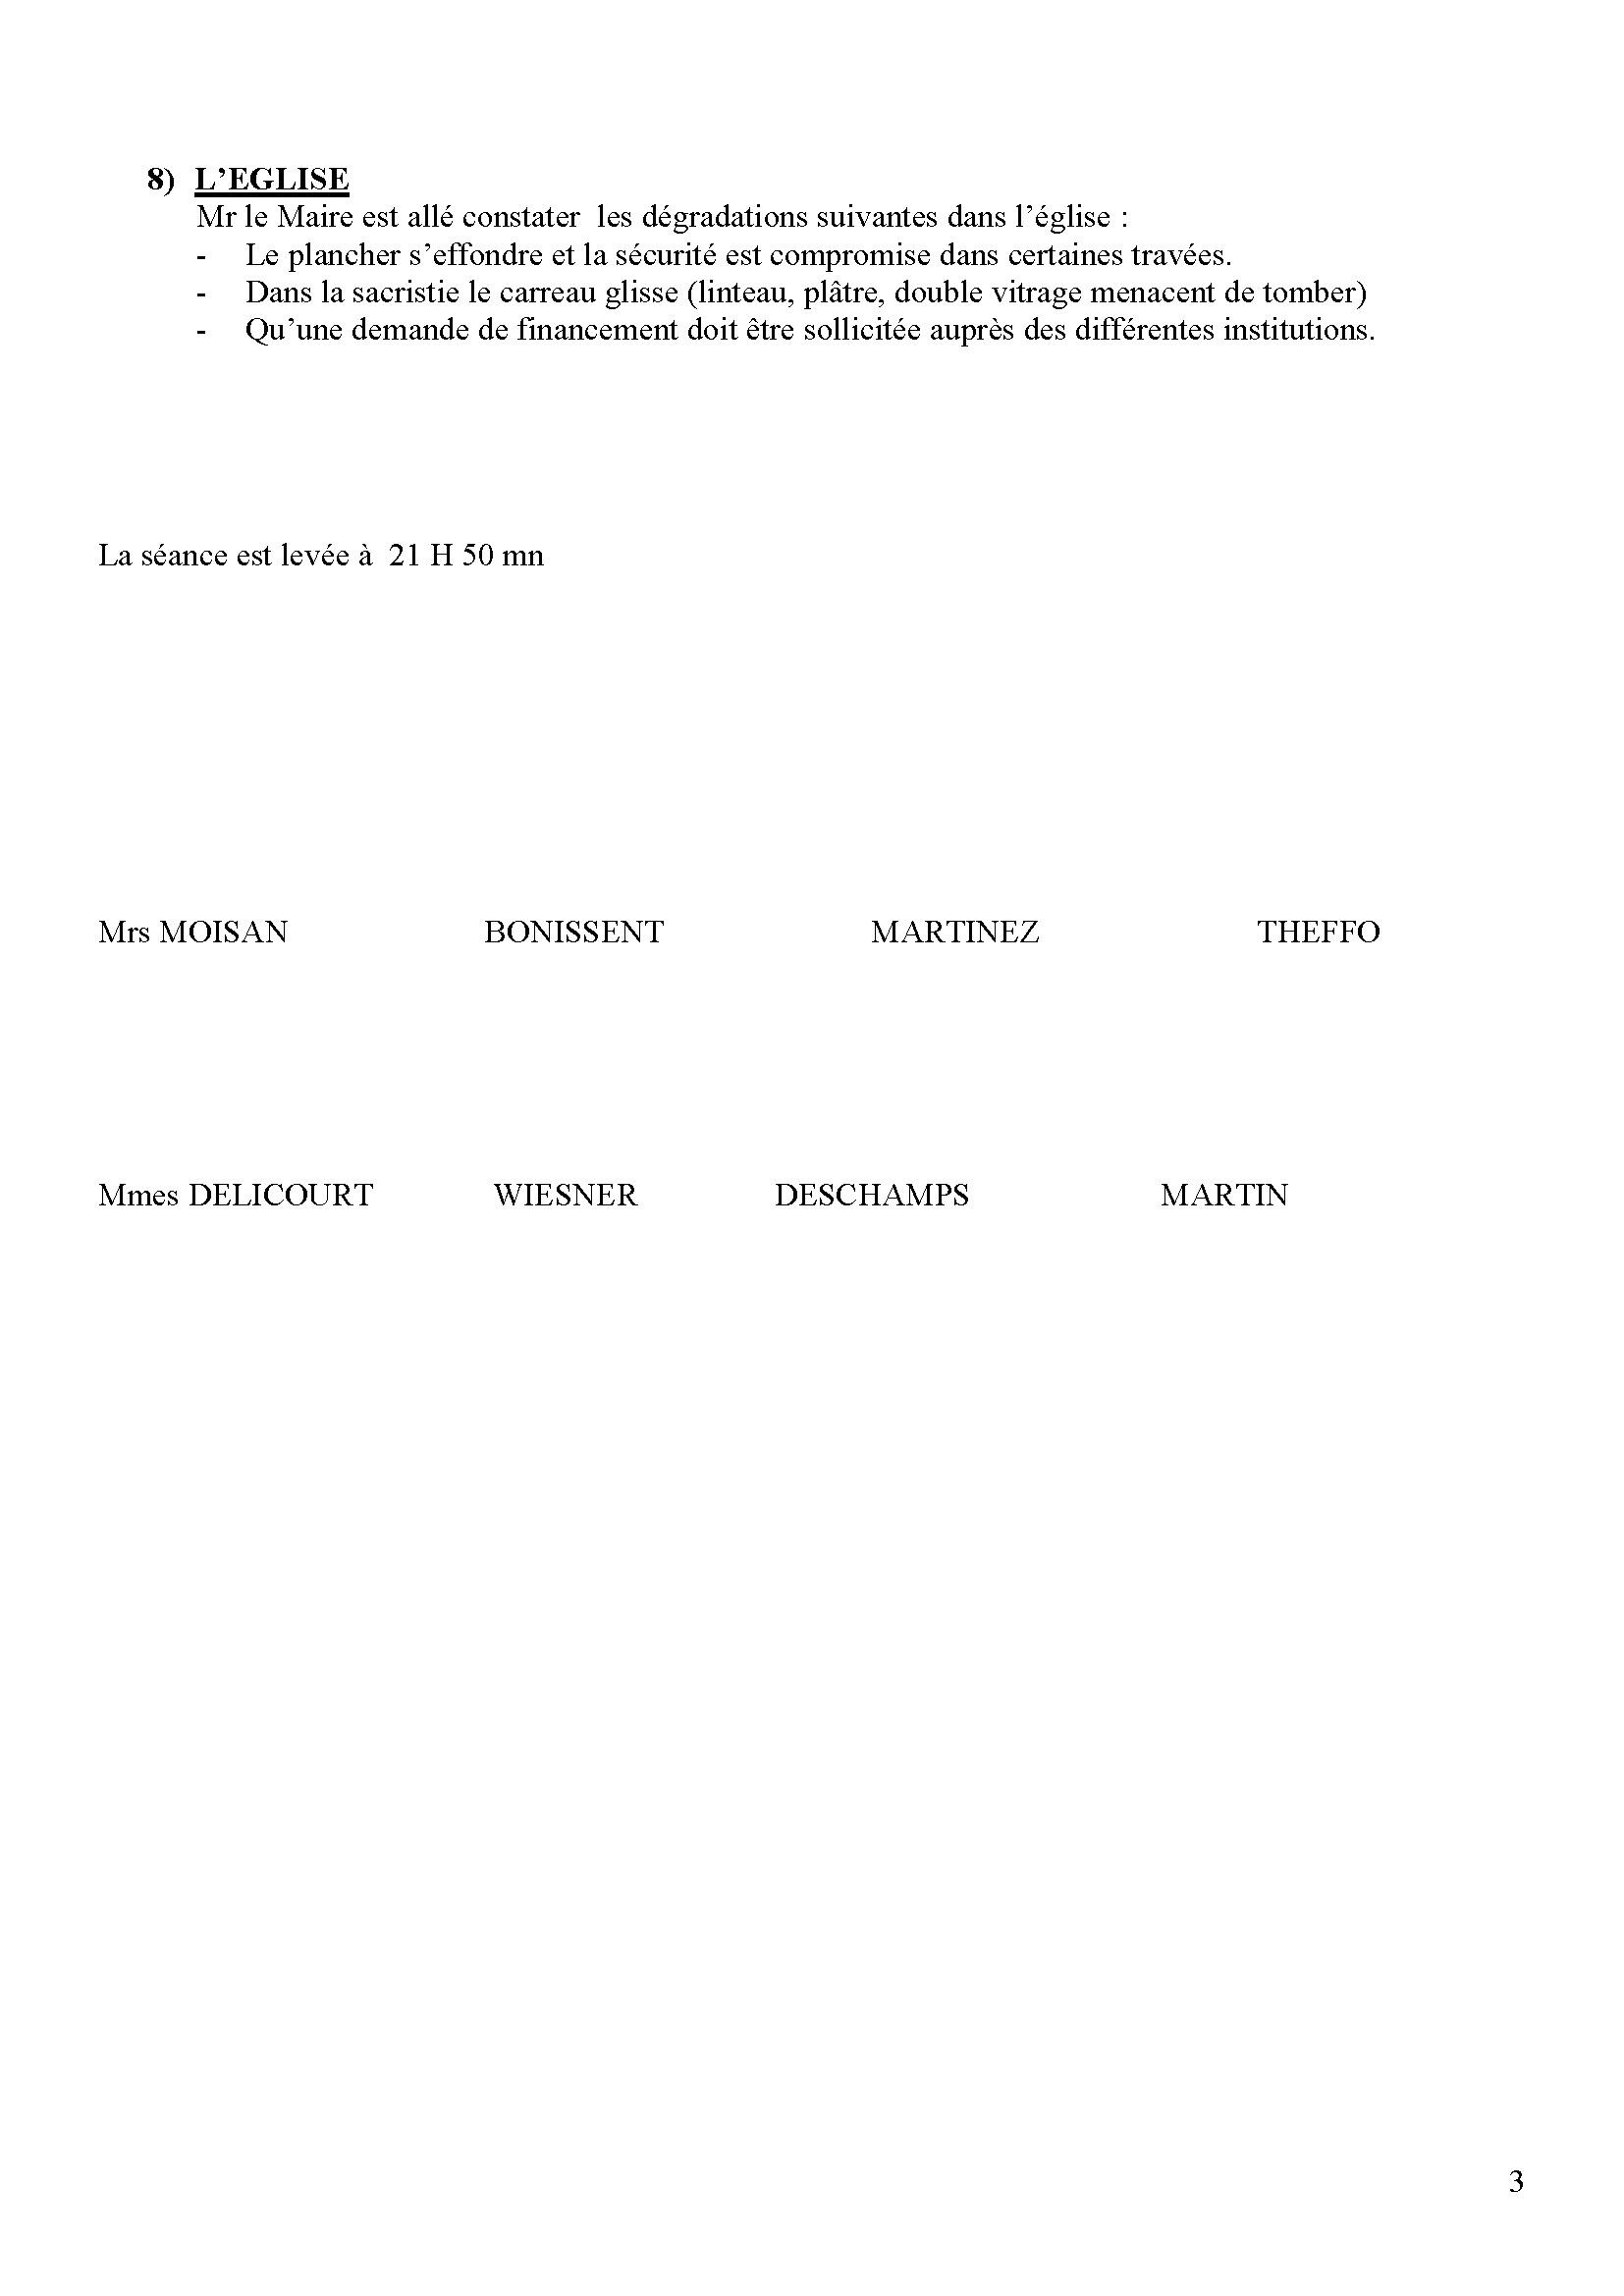 cr-du-25112016-page-3